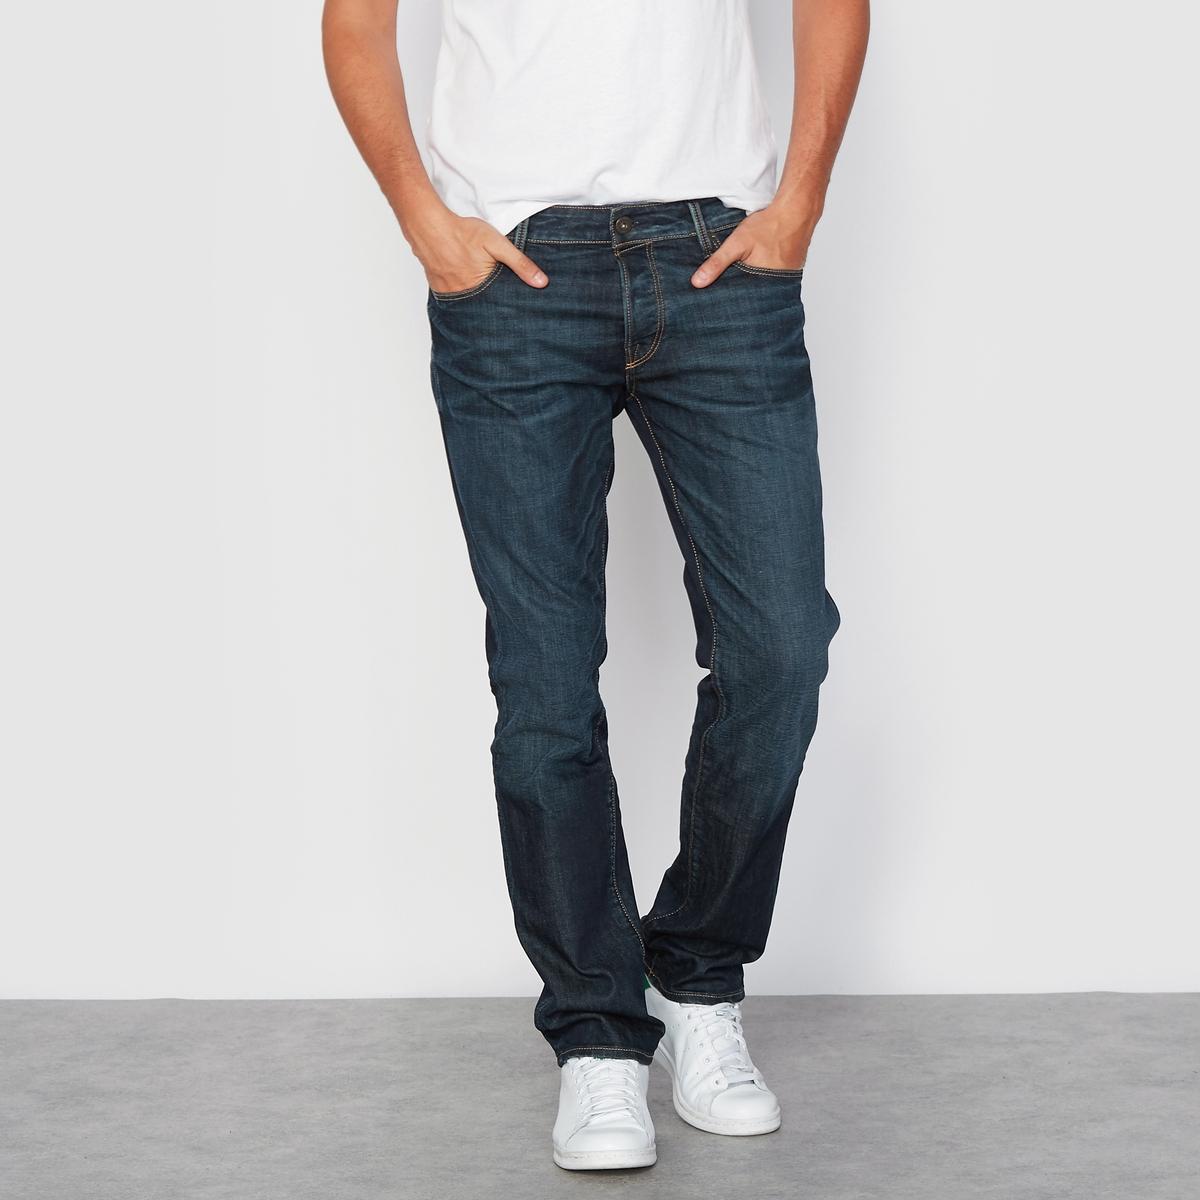 Jeans Tim corte slim, ganga stretch